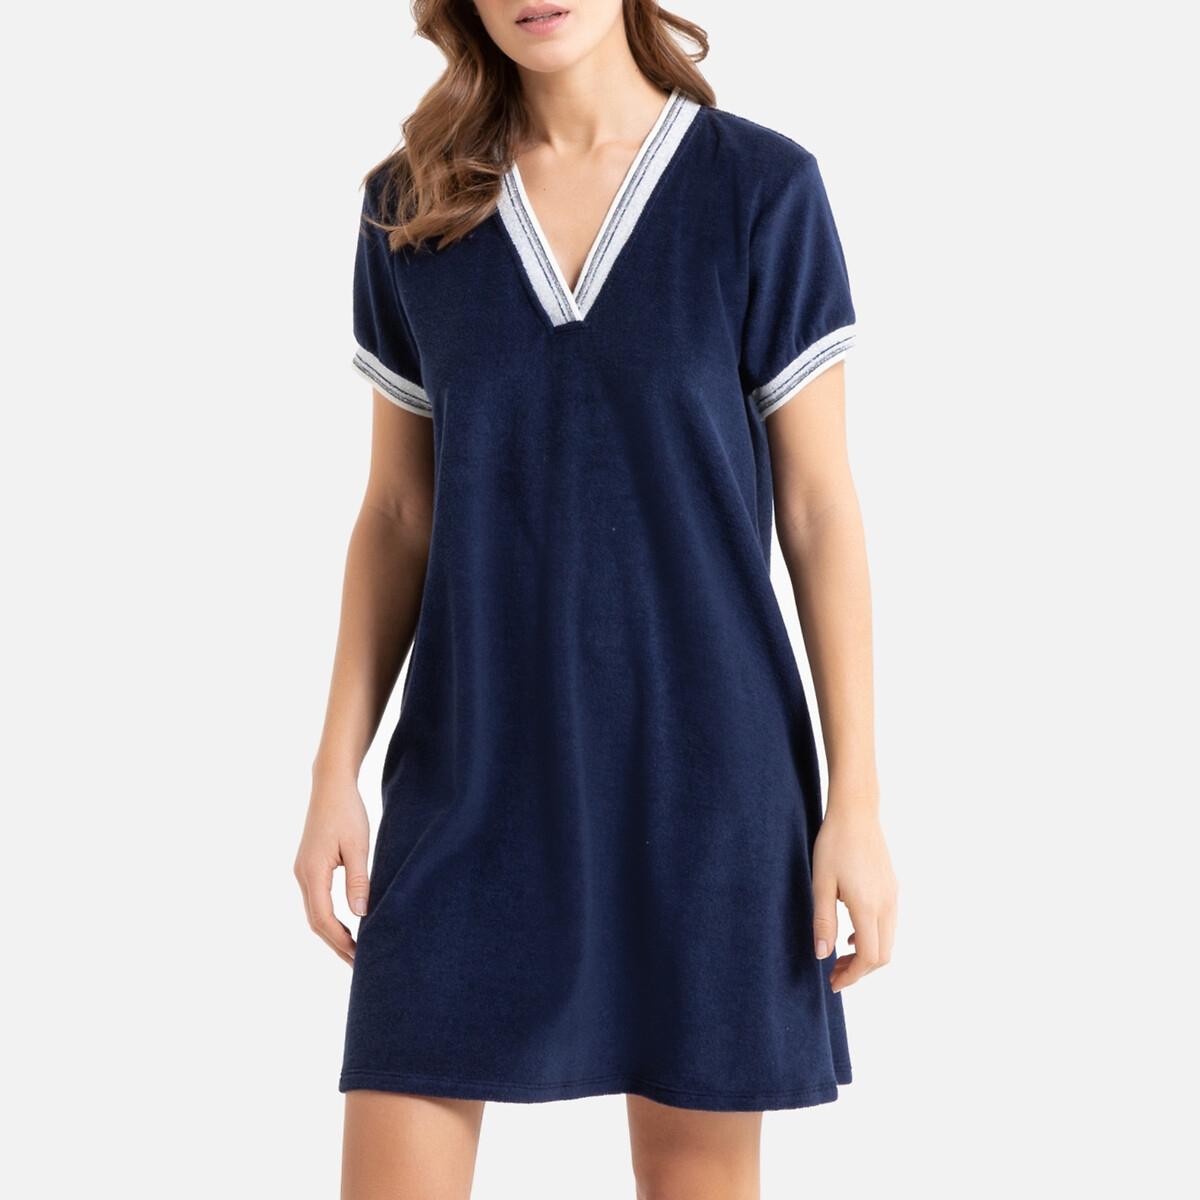 Рубашка La Redoute Ночная из махровой ткани Brigitte 42 (FR) - 48 (RUS) синий полотенце la redoute для рук из махровой ткани хлопок с люверсом единый размер бежевый